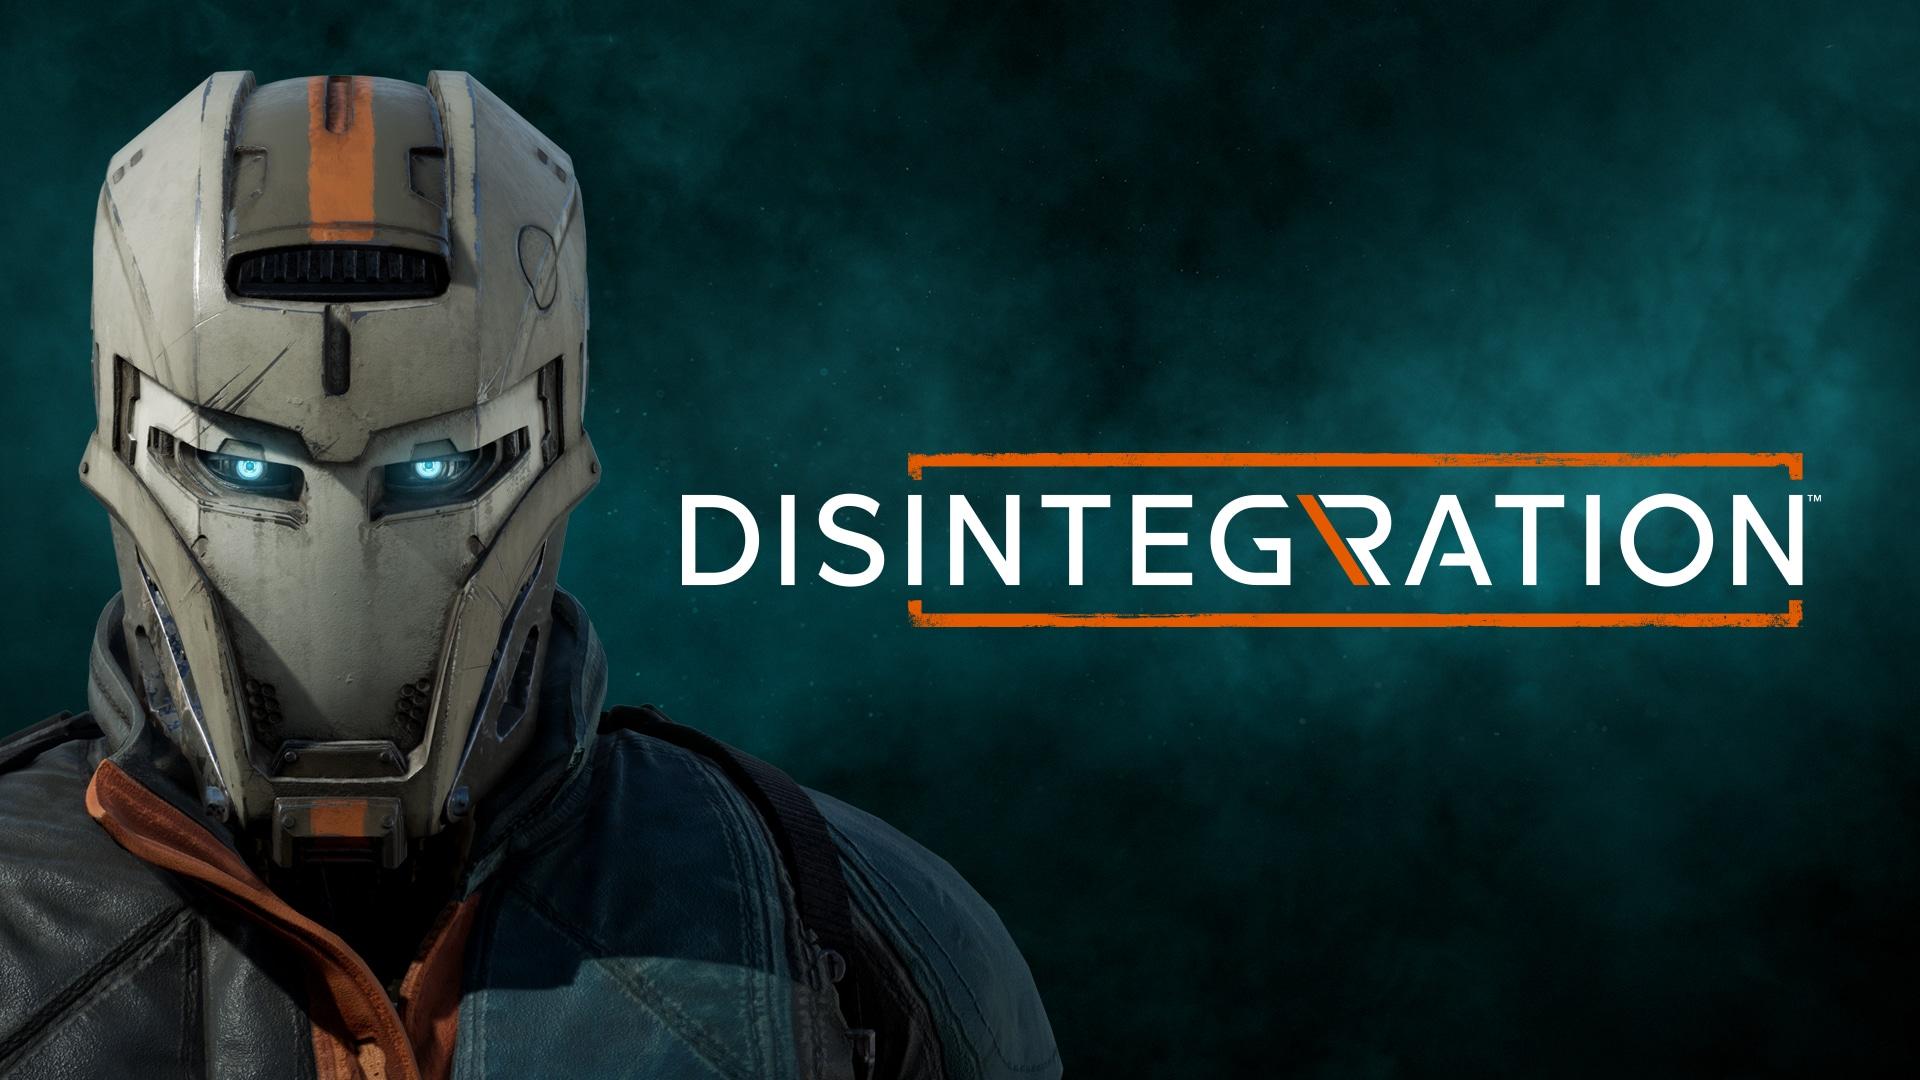 Disintegration | Jogo do criador de Halo ganha trailer gameplay